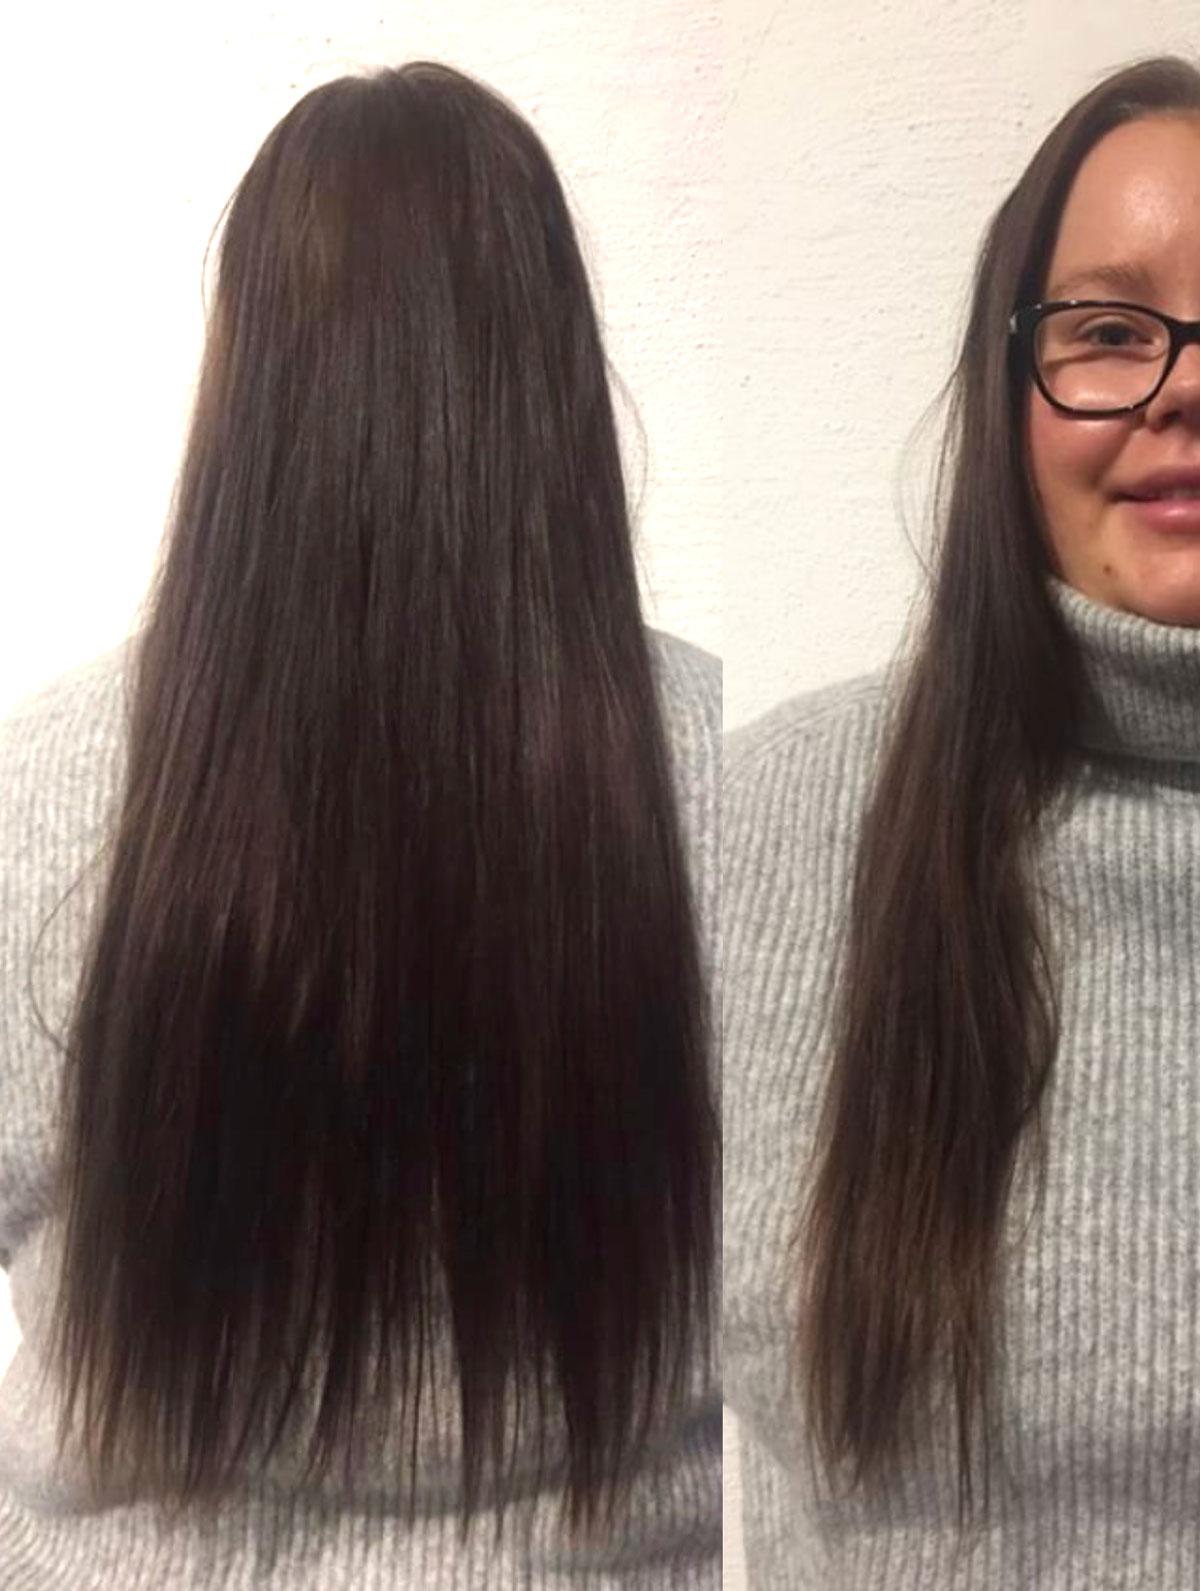 Förebild, Davines, Davines Sverige, Malmö, Frisör, Inpackning, Hårmodell, Amandahans, Skönhetsblogg, Kort brunt hår